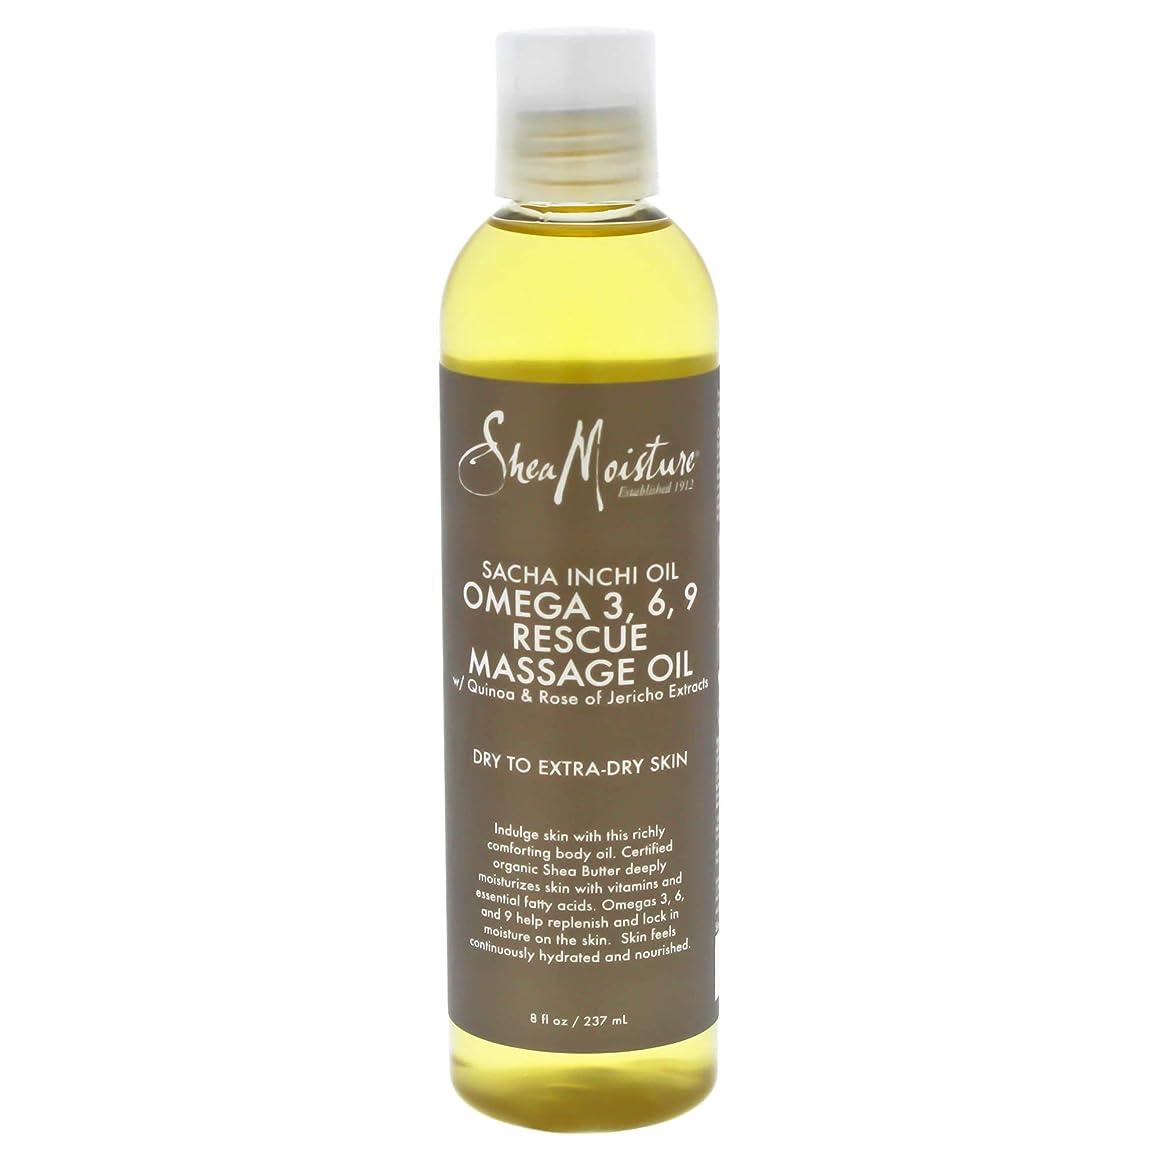 法医学ブローチャペルSacha Inchi Oil Omega-3-6-9 Rescue Massage Oil